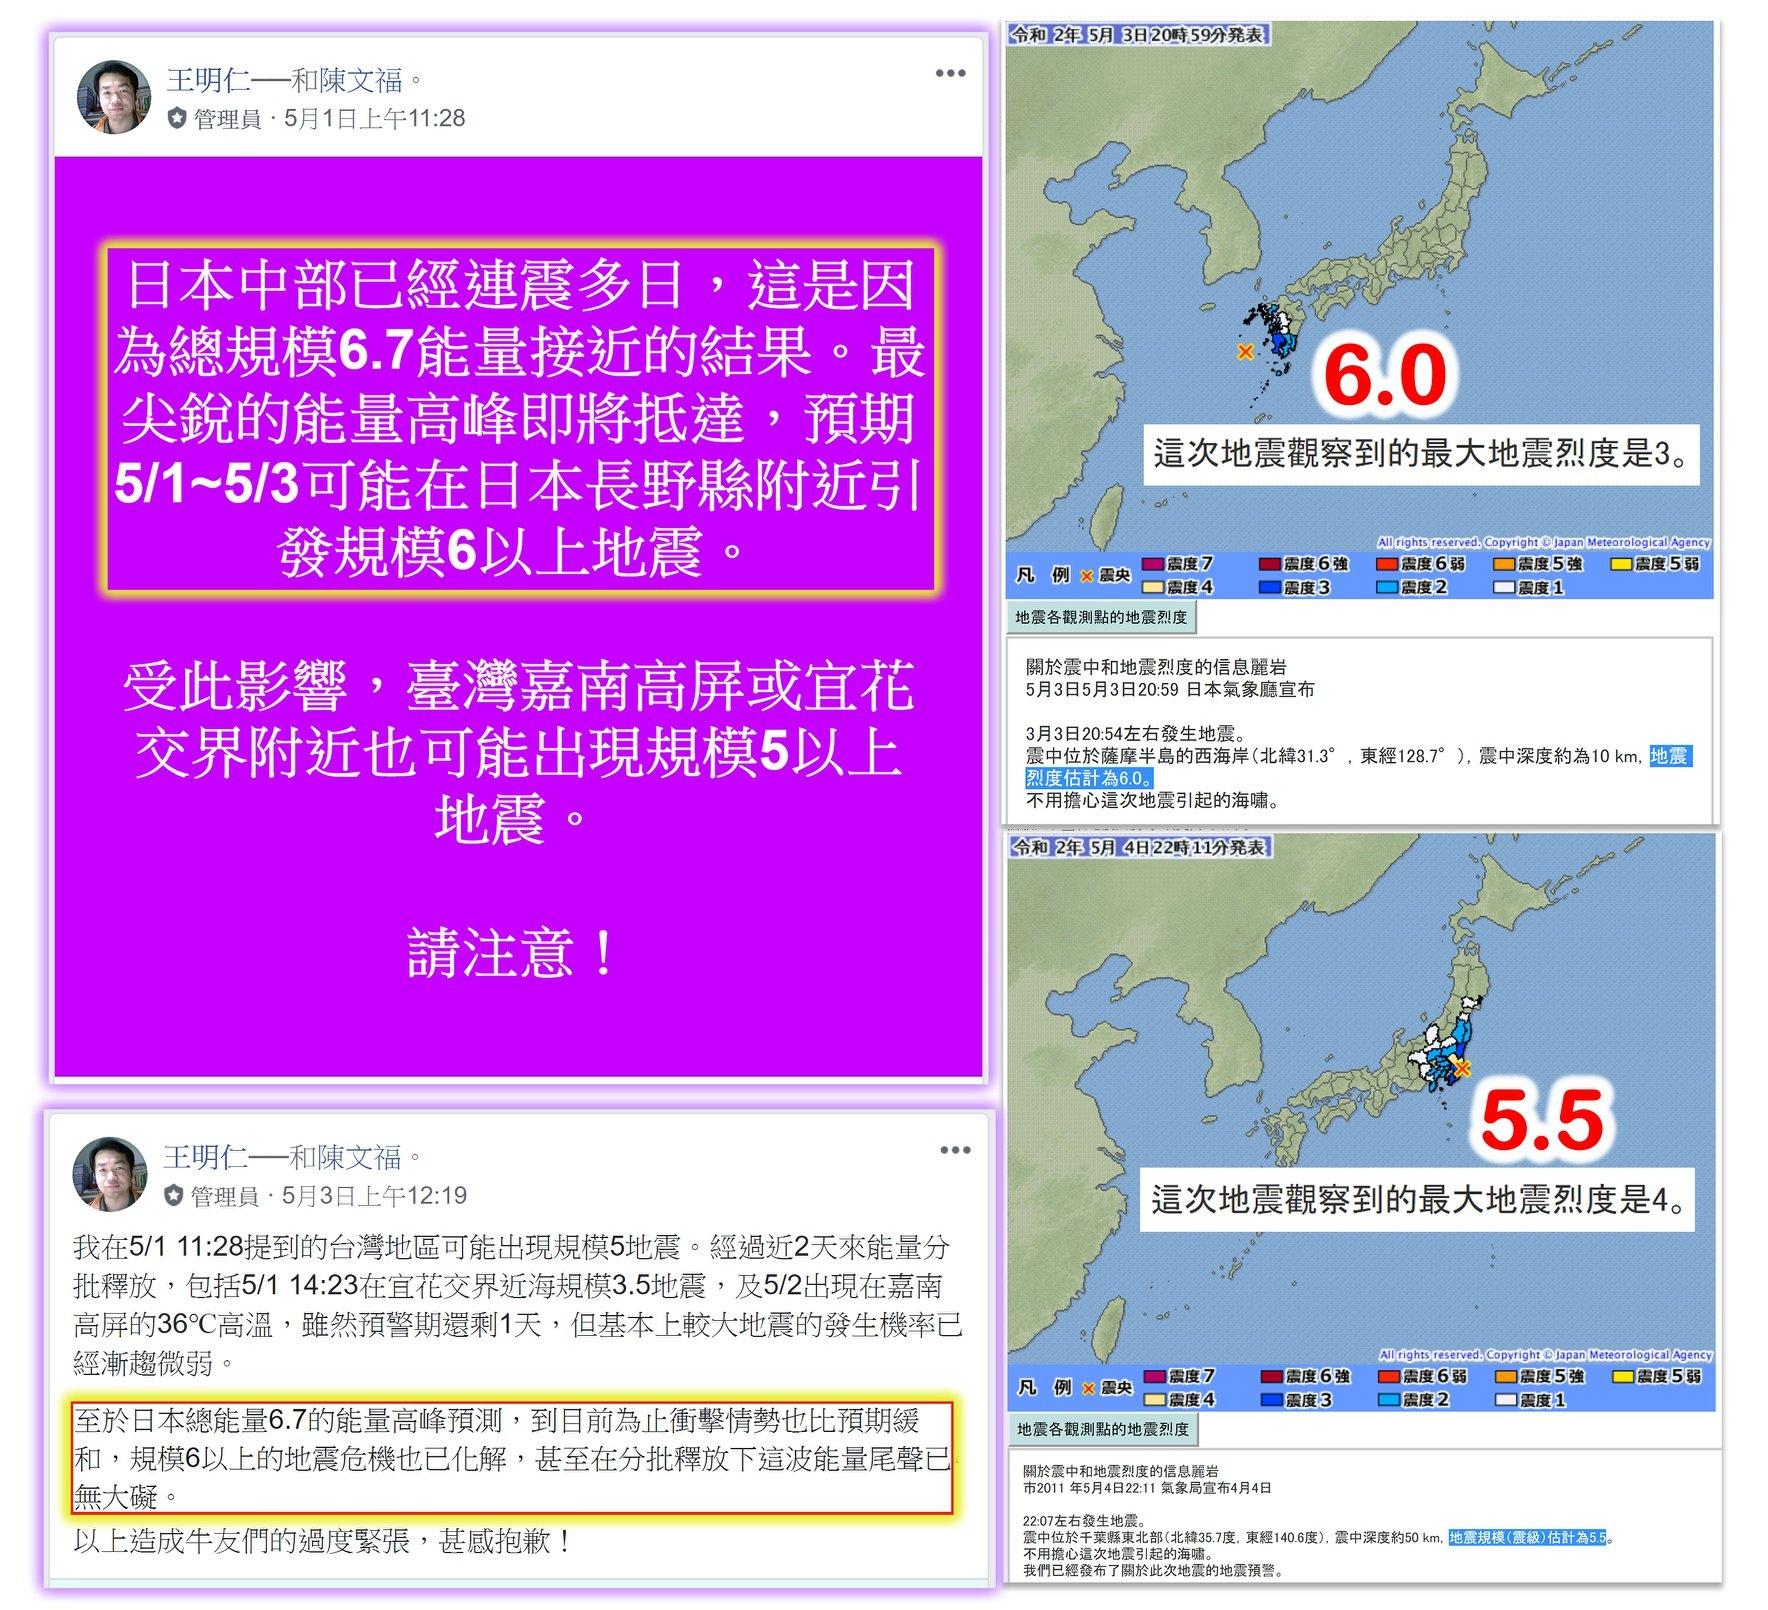 地震 日 月 5 20